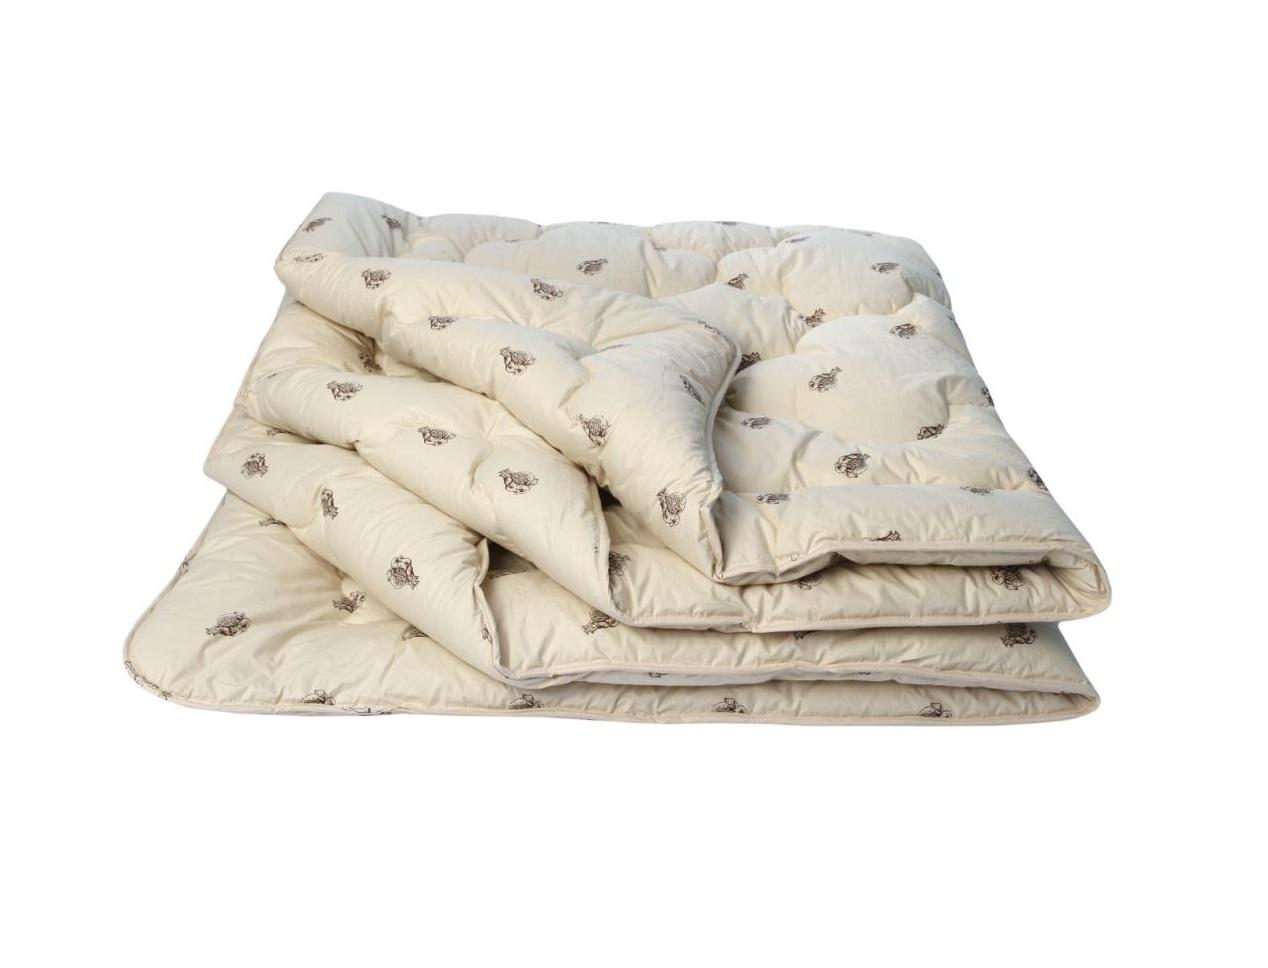 Одеяло Верблюжья шерсть Оригинал облегченное, размер Евро (200х220 см)Одеяла<br>Длина: 220 см <br>Ширина: 200 см <br>Чехол: Стеганое, с окаймляющей лентой <br>Плотность наполнителя: 150 г/кв. м<br><br>Тип: Одеяло<br>Размер: 200х220<br>Материал: Верблюжья шерсть